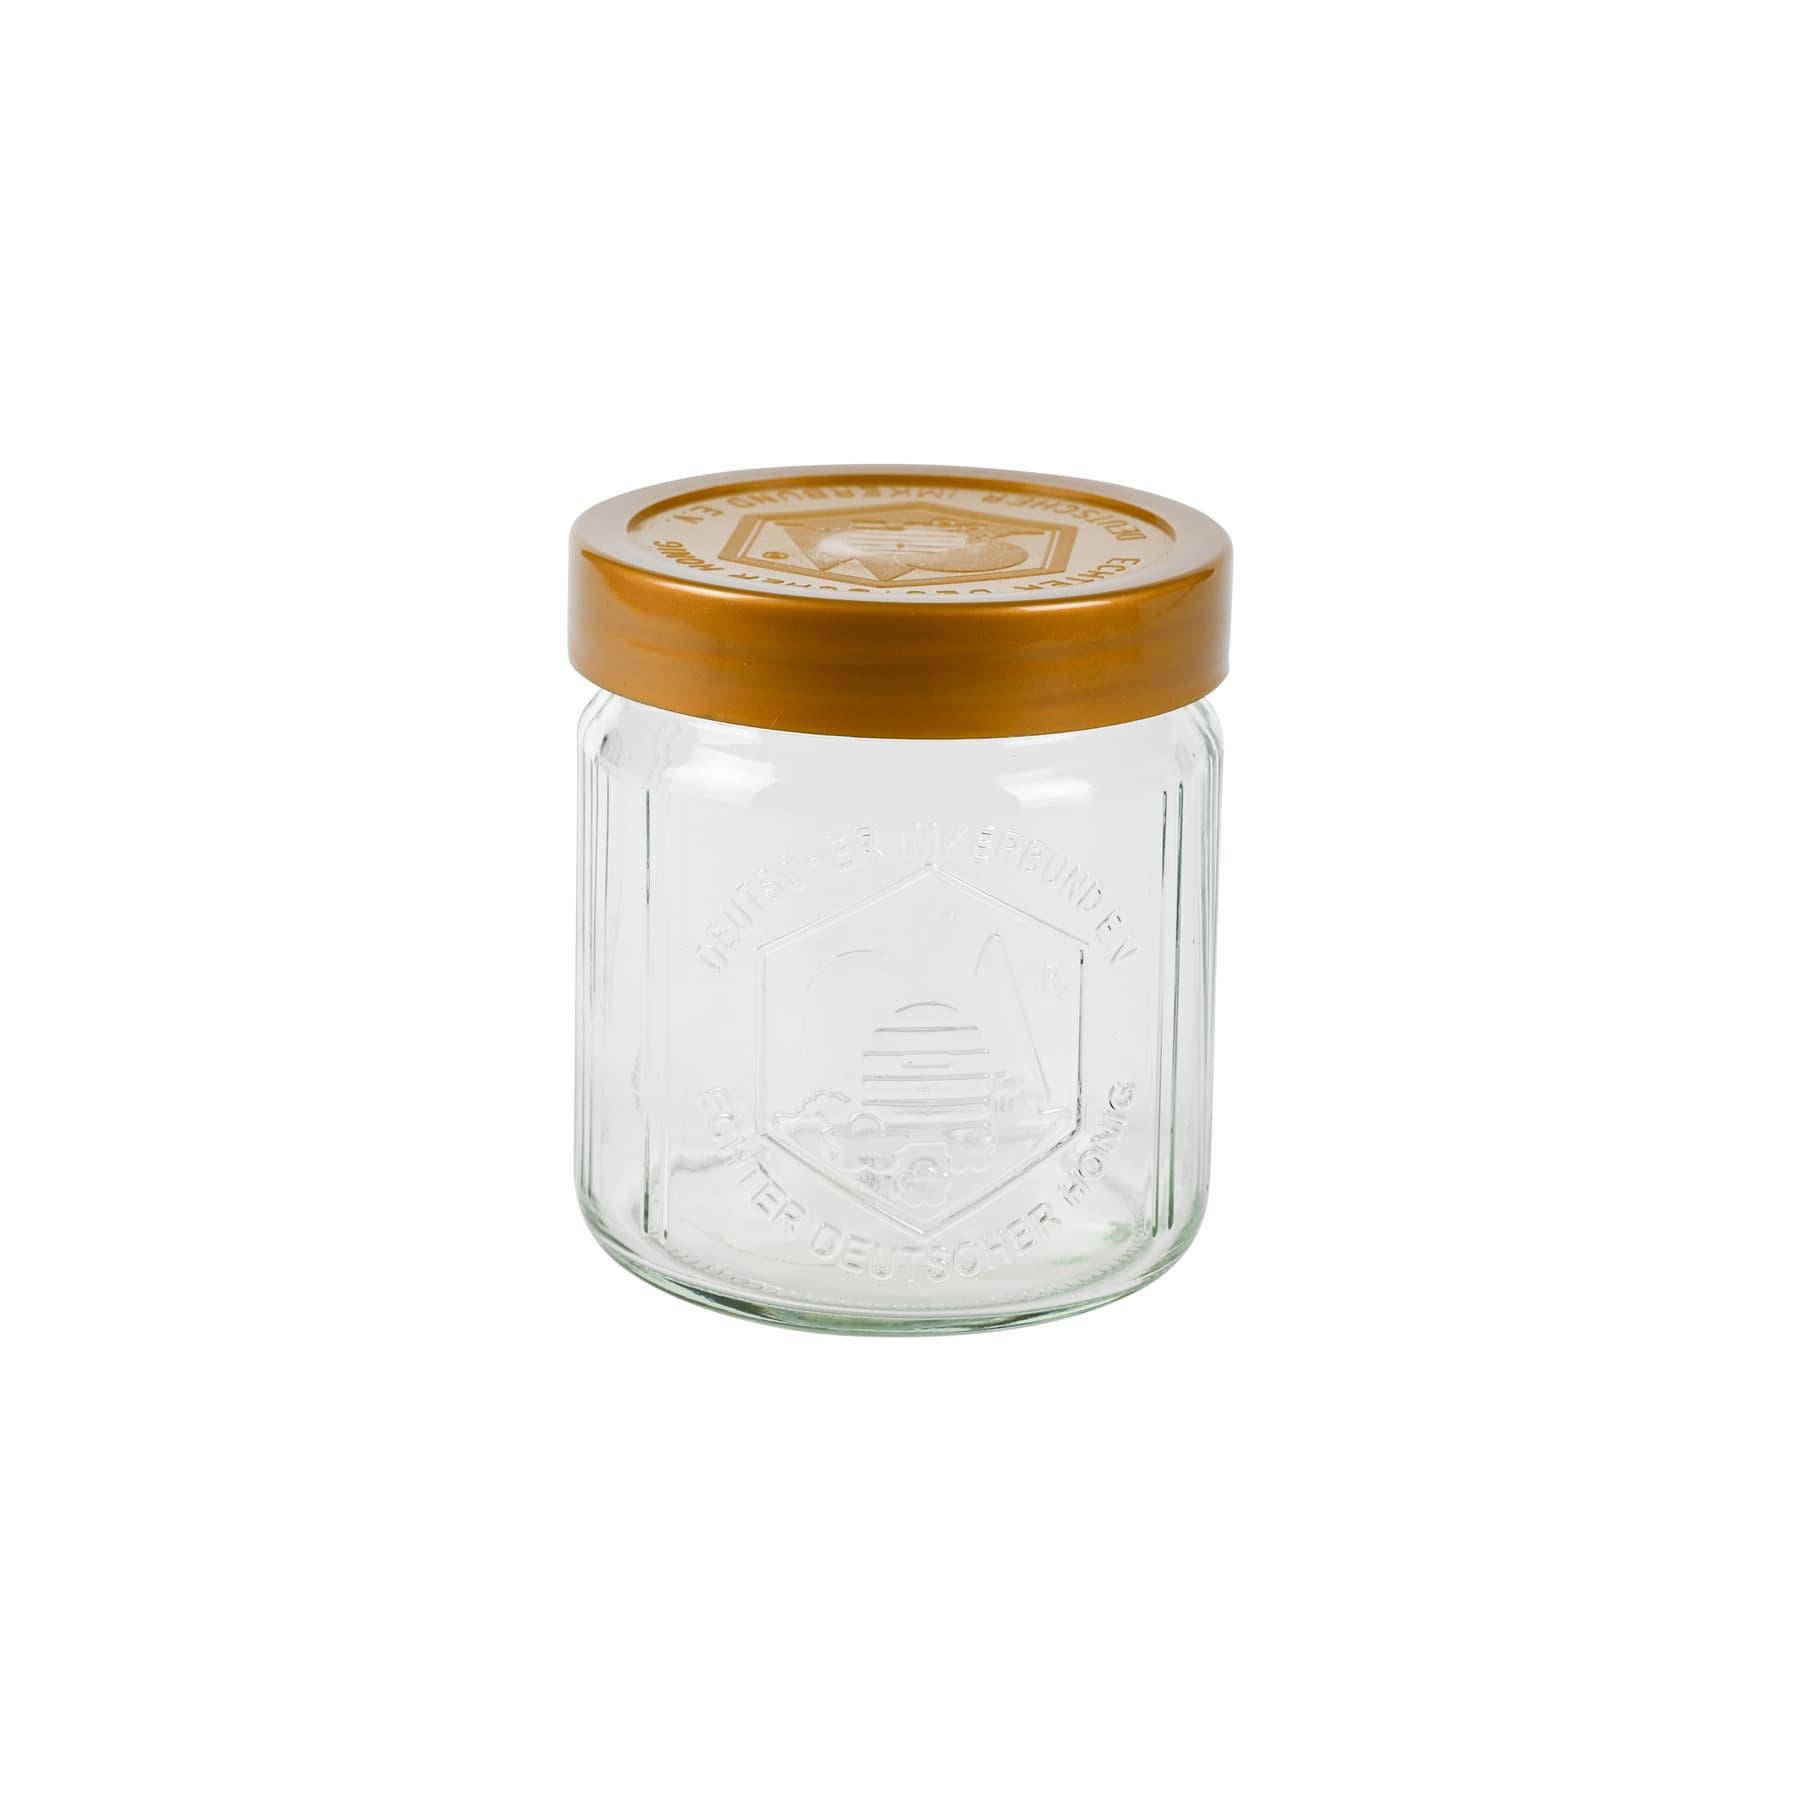 DIB - Glas 500 g mit Deckel, lose, nur Selbstabholung!